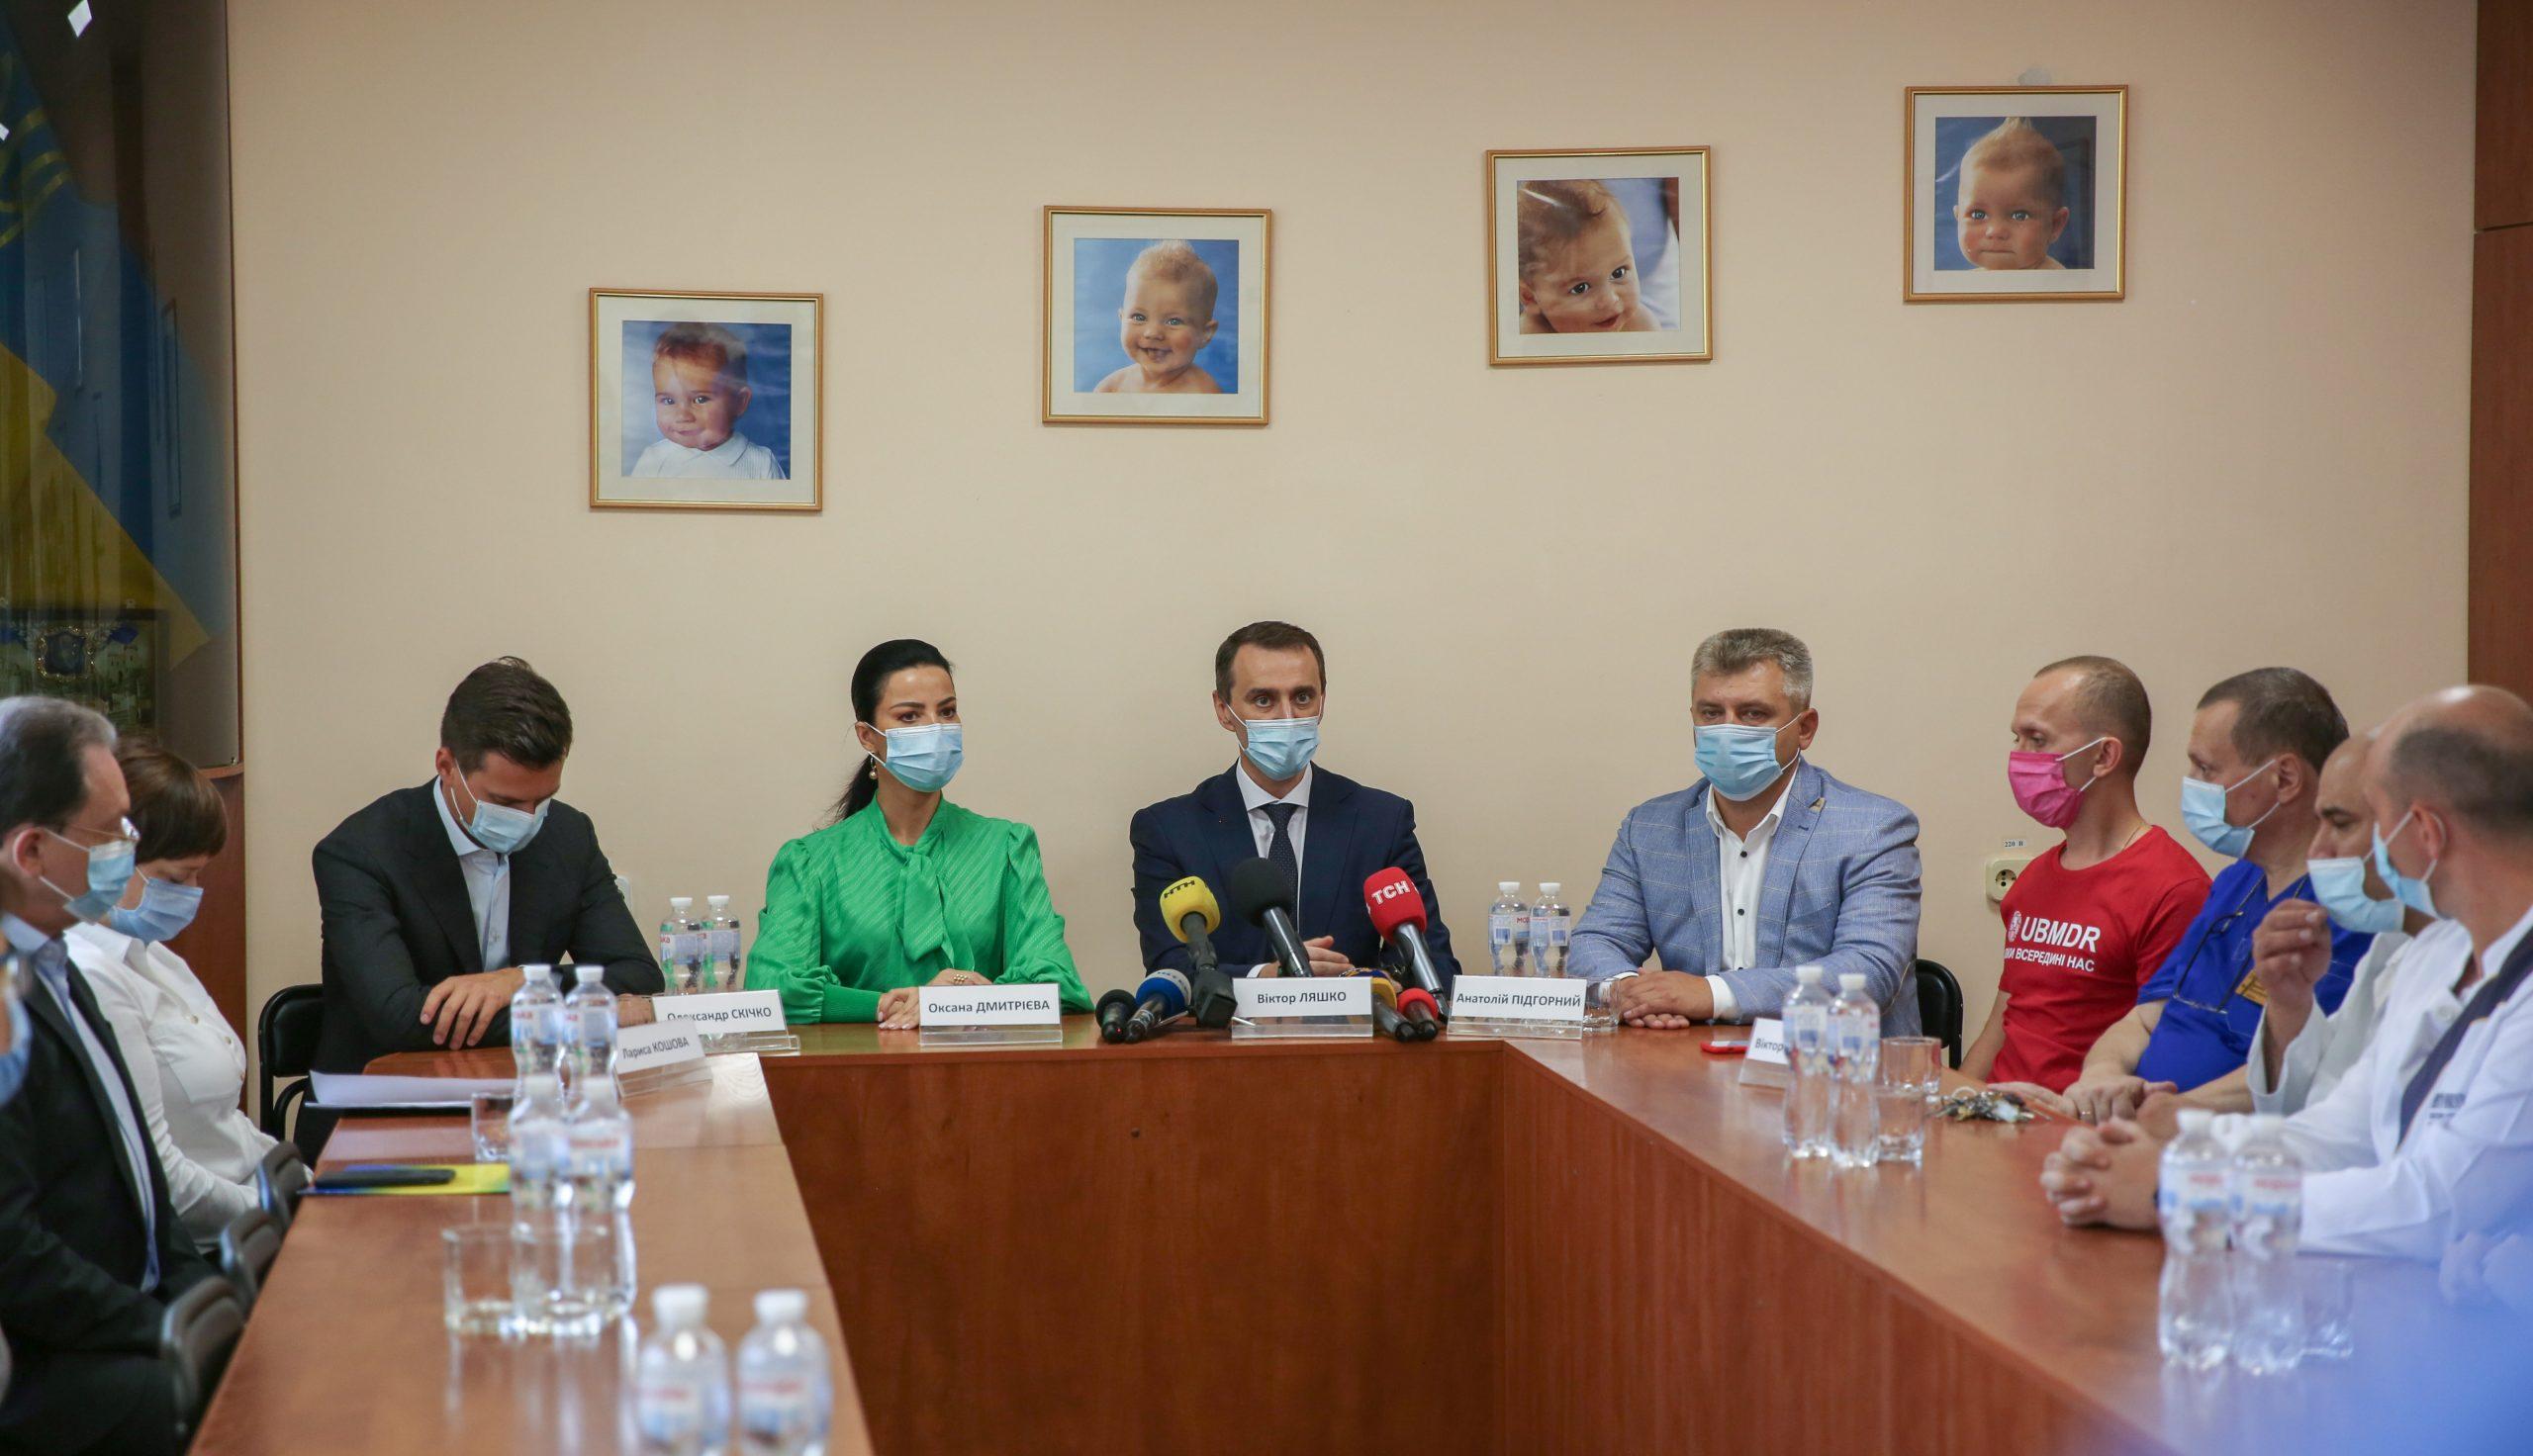 Віктор Ляшко провів брифінг щодо трансплантації в Черкаському онкодиспансері